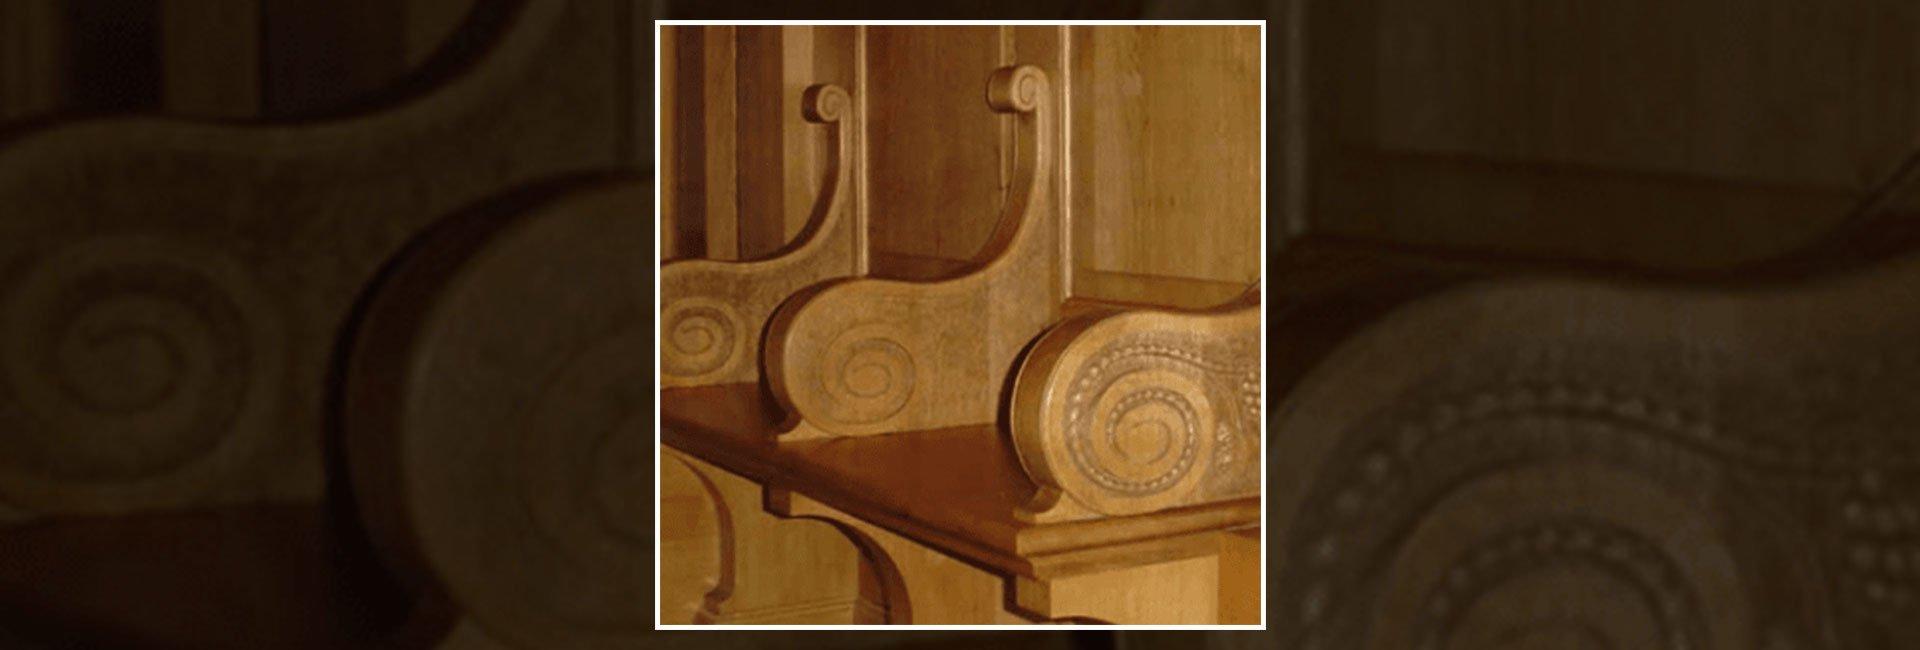 antique wooden piece